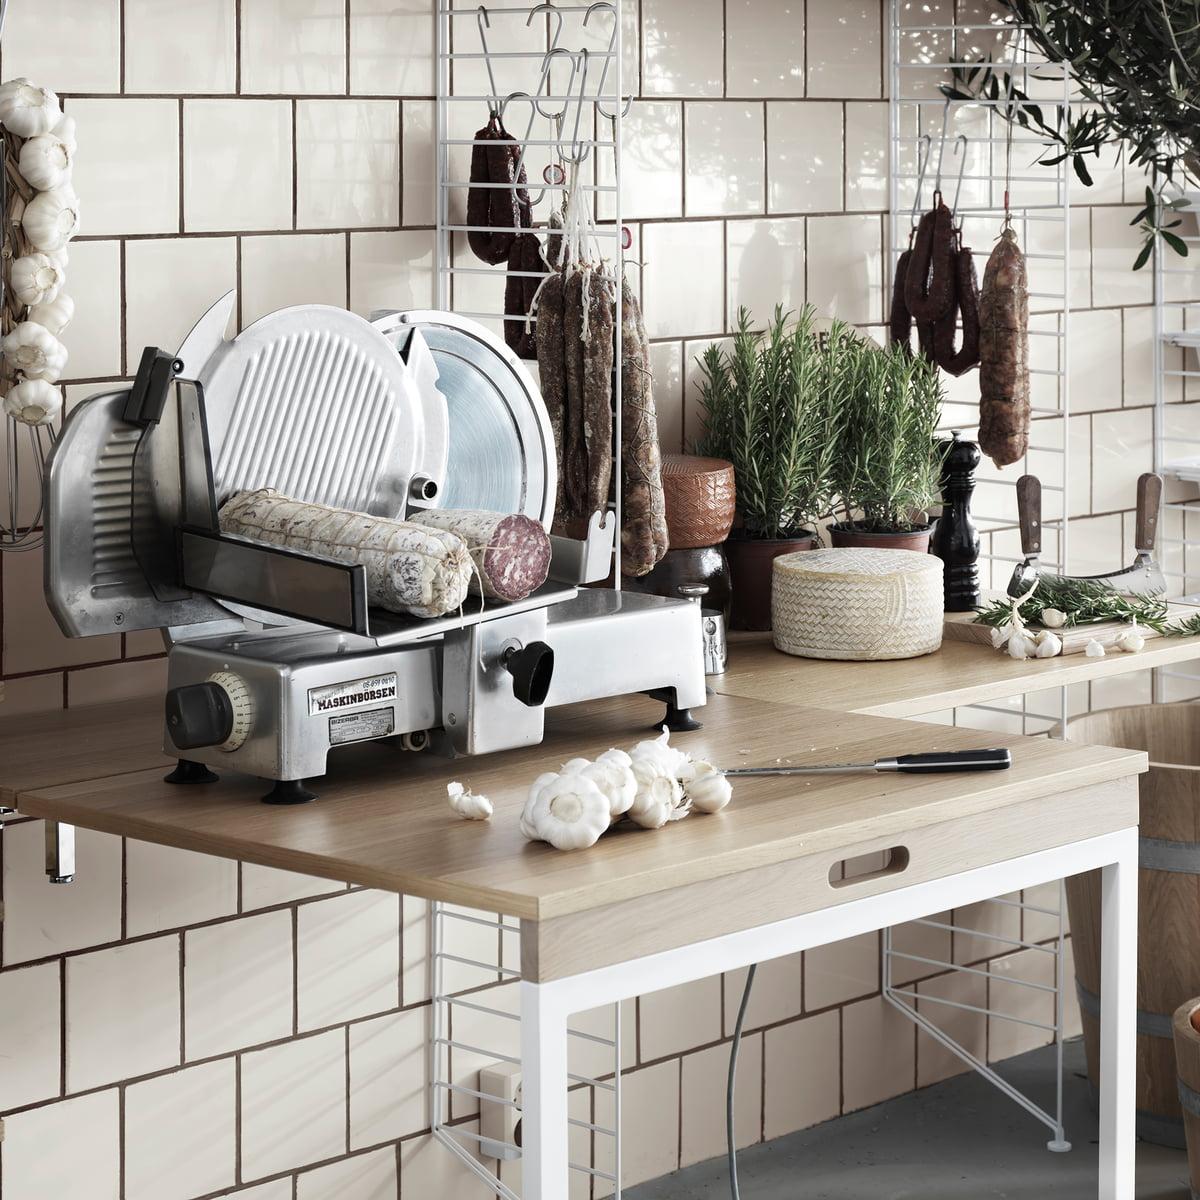 Full Size of Klapptisch Küche Klapptisch Küche Selber Bauen Schmaler Klapptisch Küche Kleiner Klapptisch Küche Küche Klapptisch Küche